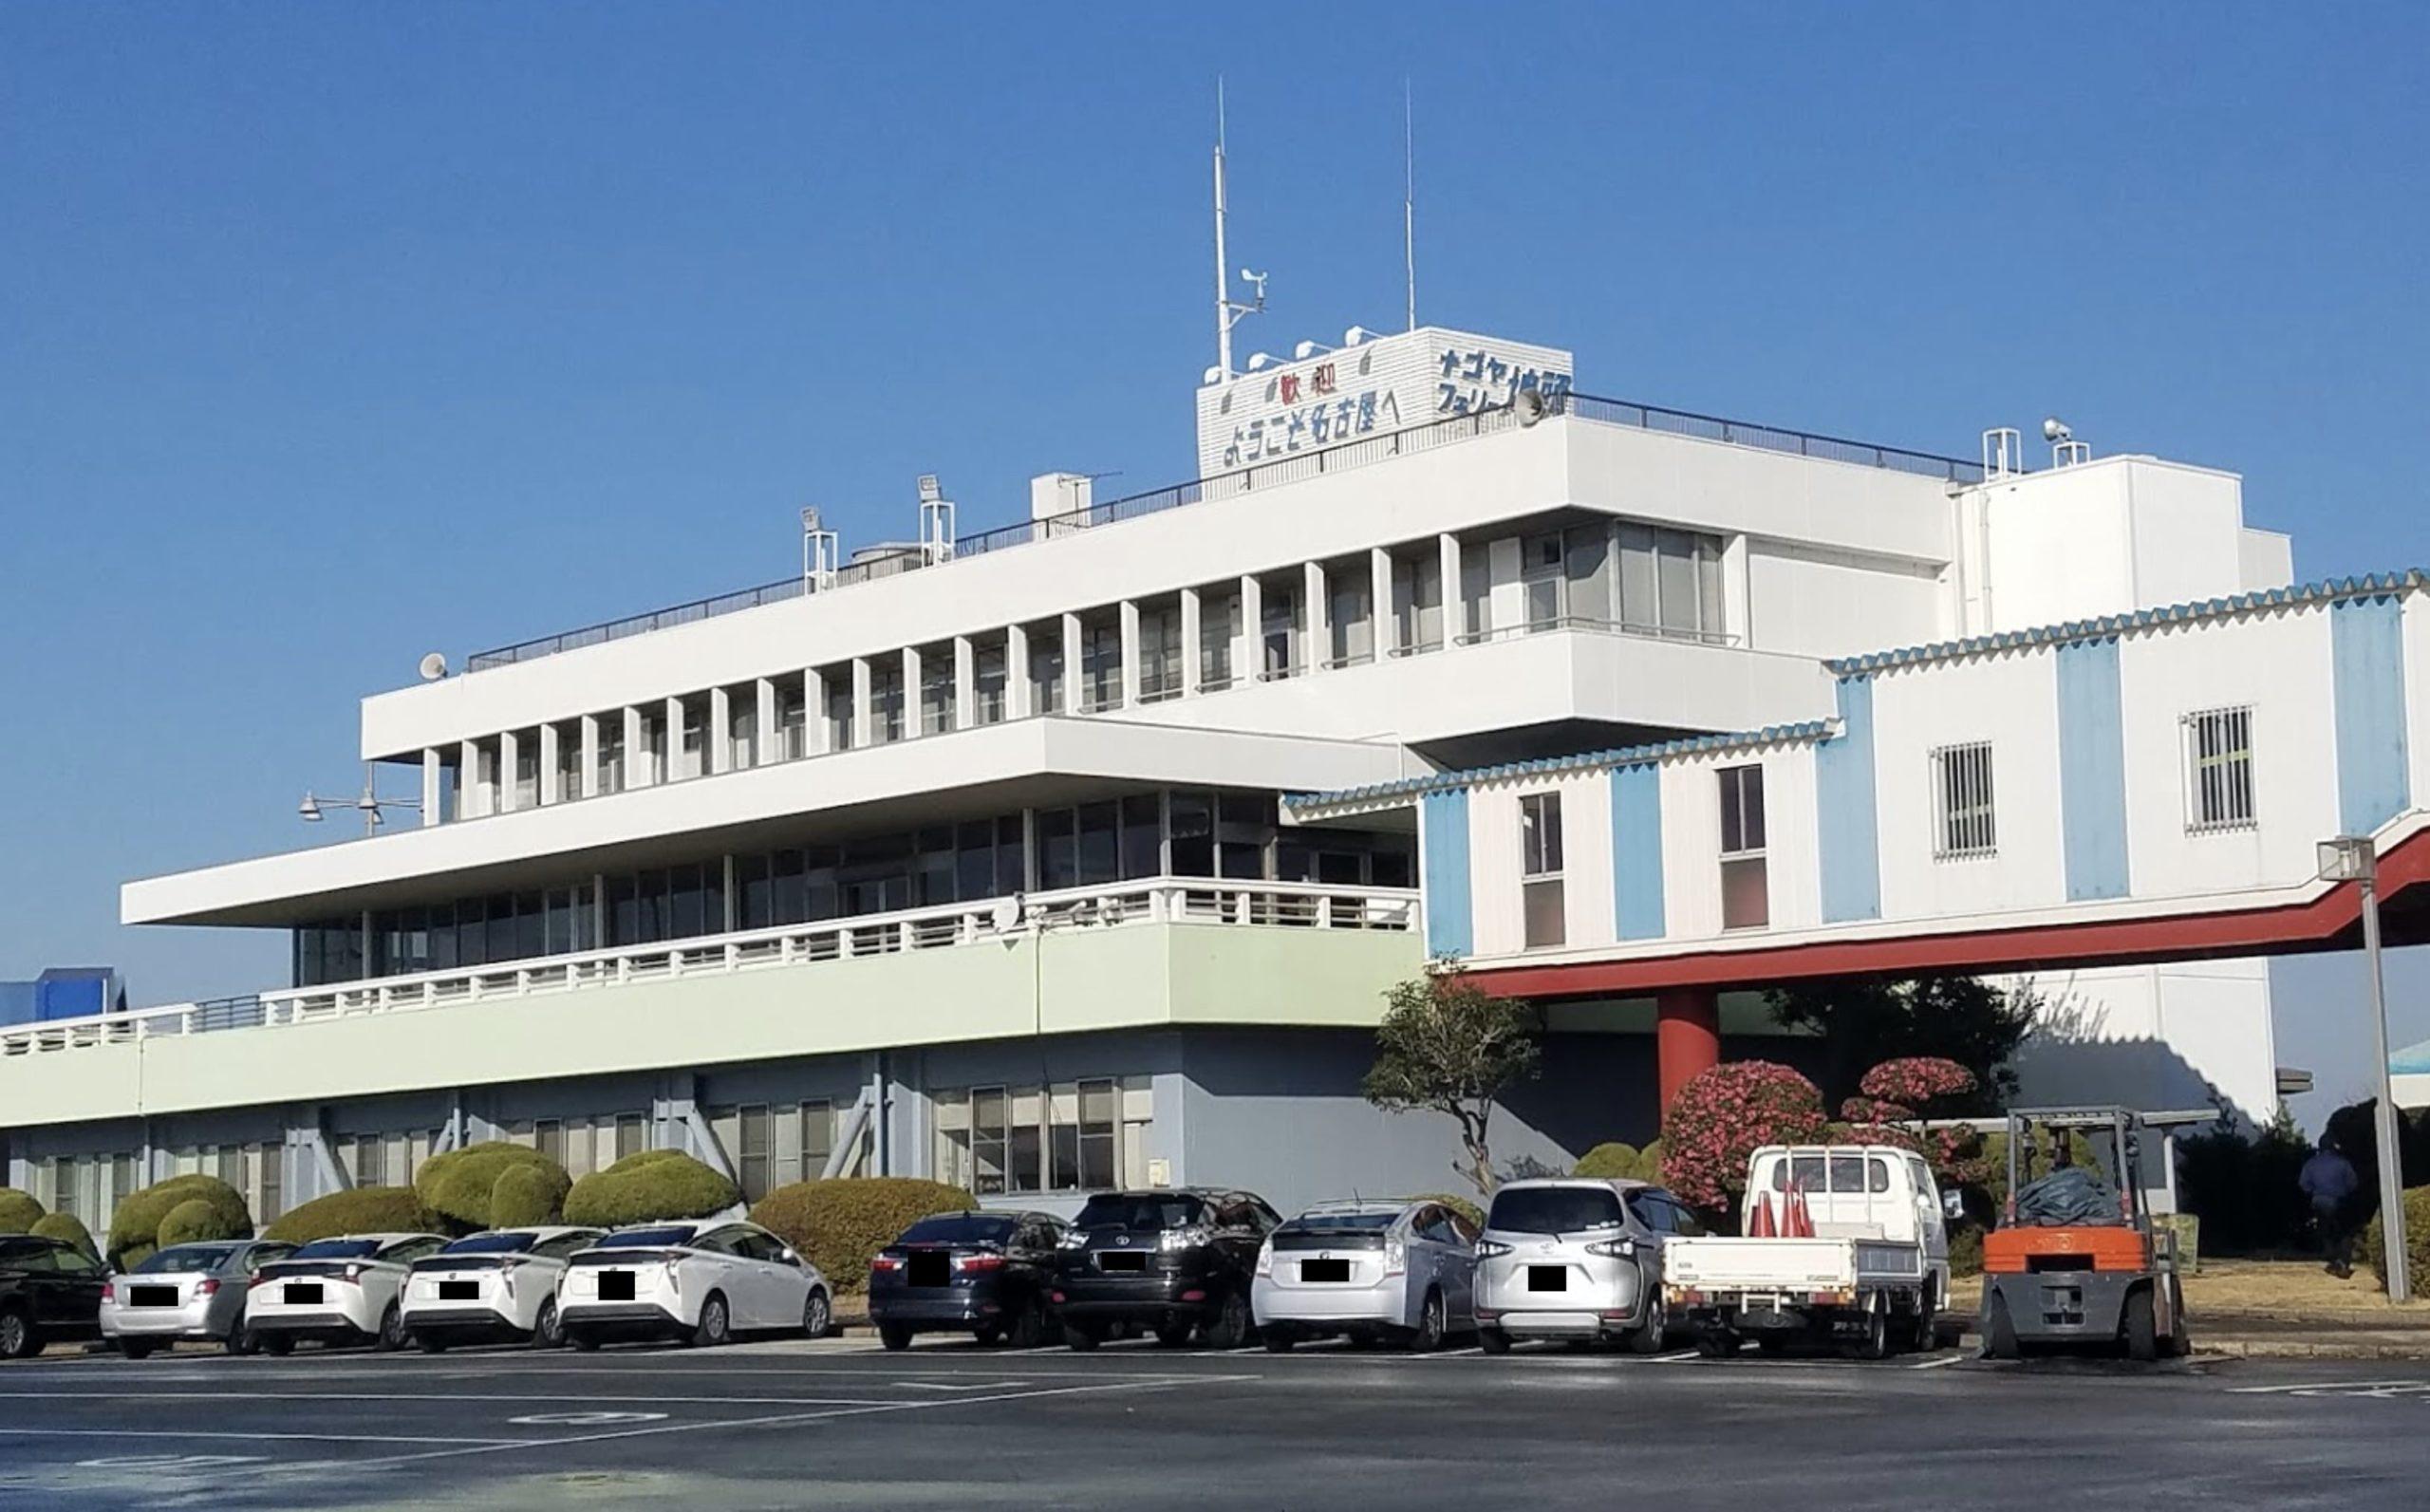 名古屋フェリー埠頭